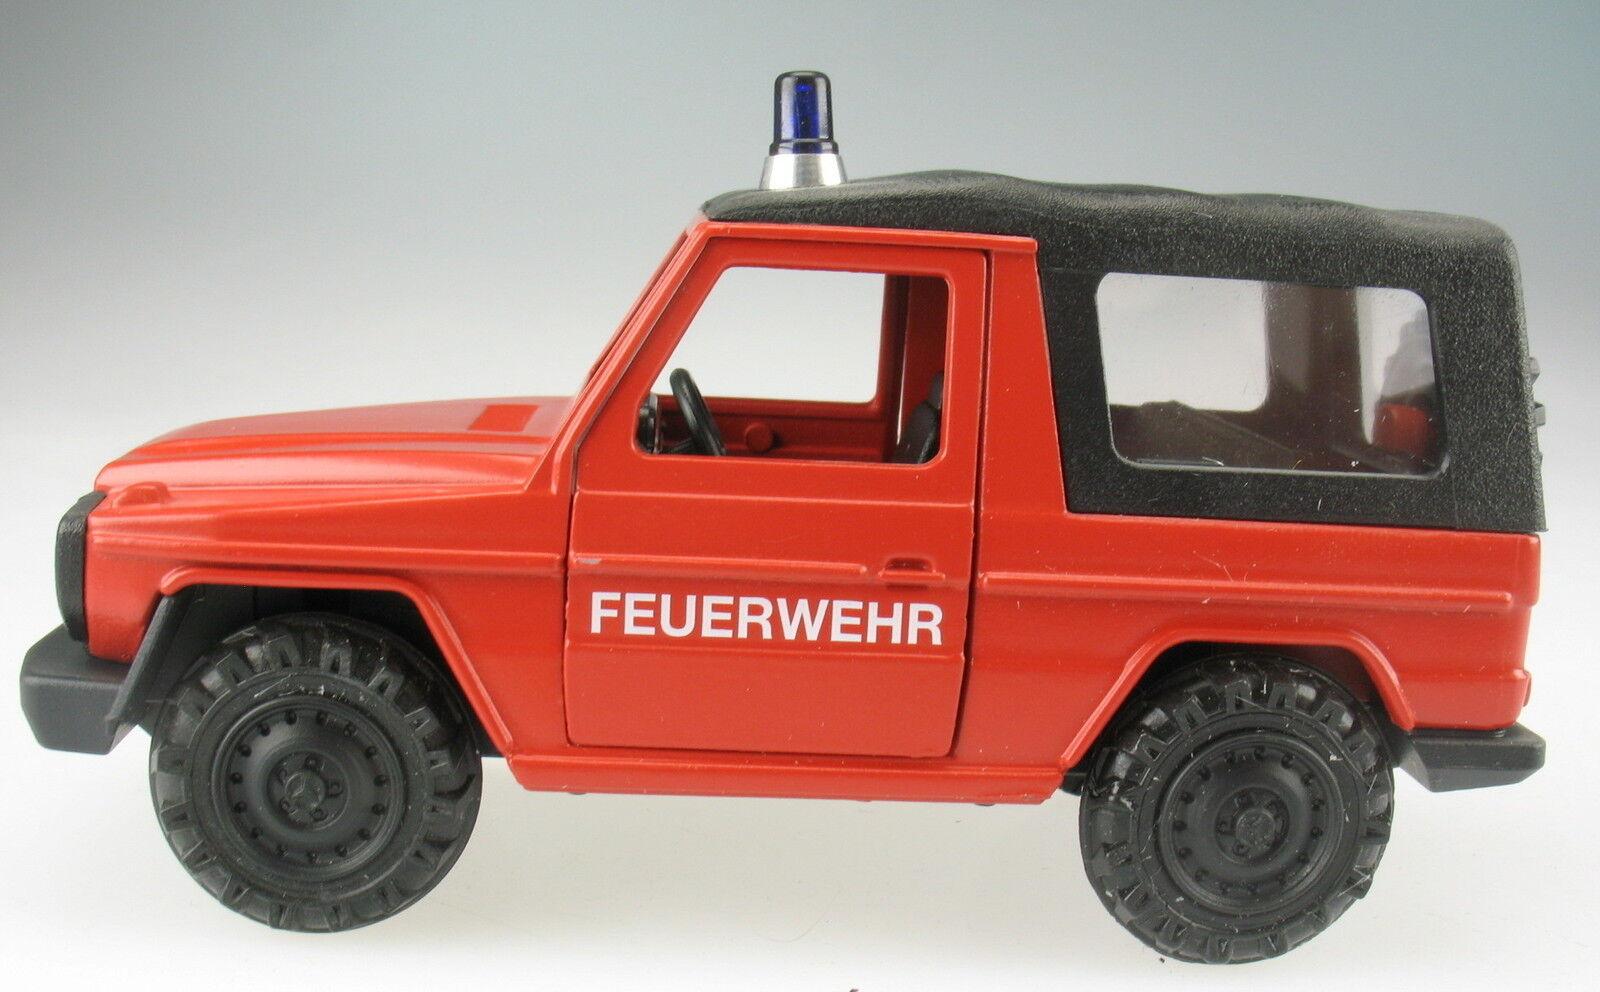 CURSOR-Modell 679  91 - Mercedes-Benz Geländewagen G - TYP 461 - FEUERWEHR -1 35